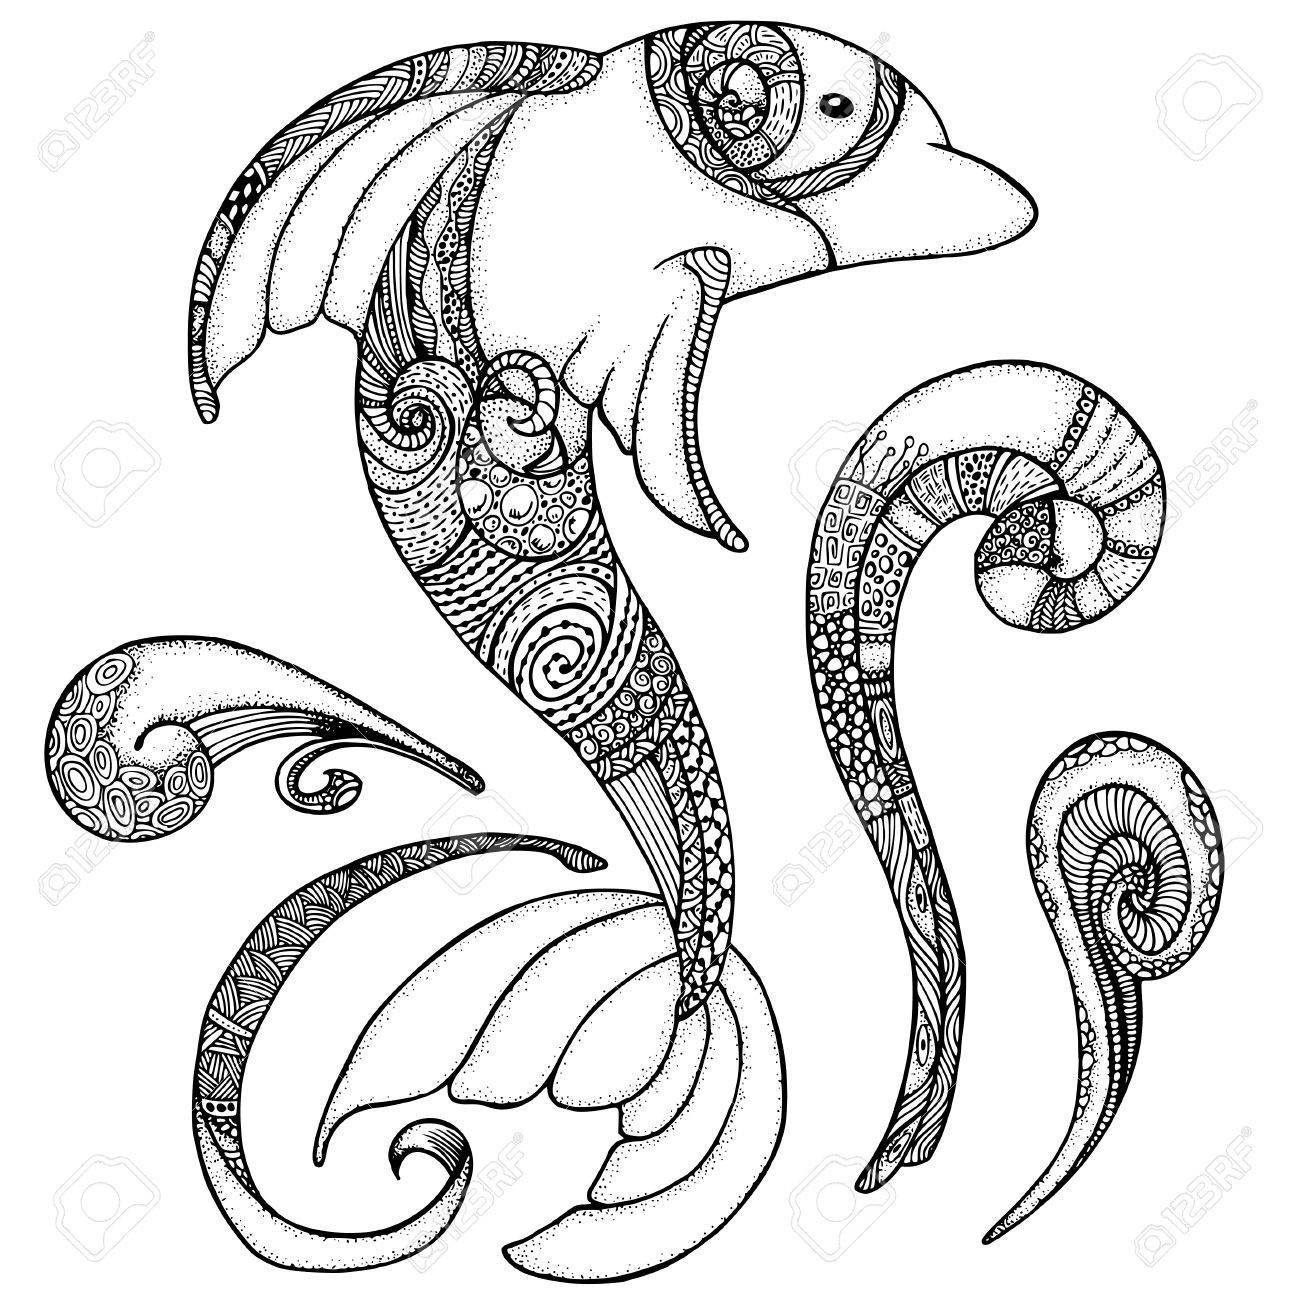 Zentangle Imagen Estilizada De Tótem Animal: Delfines. Página Adulto ...